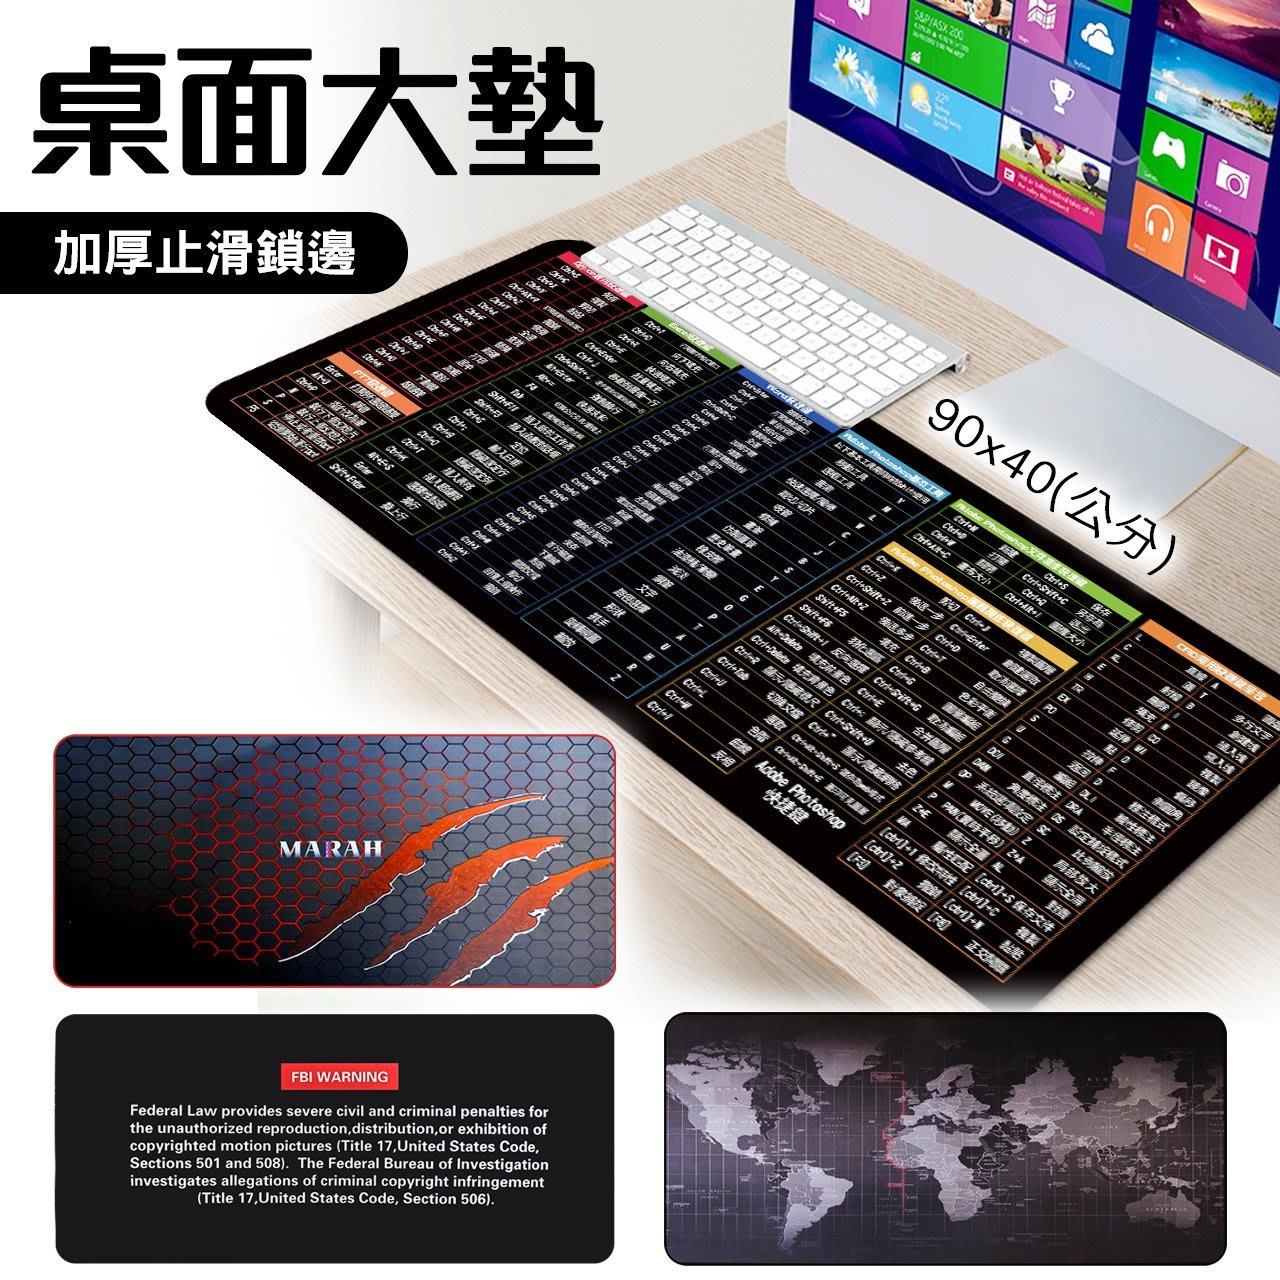 4款任選 超優品質加大加厚 世界地圖滑鼠墊 90*40cm 鍵盤墊 桌墊 加大滑鼠墊 鼠標墊【G1039】